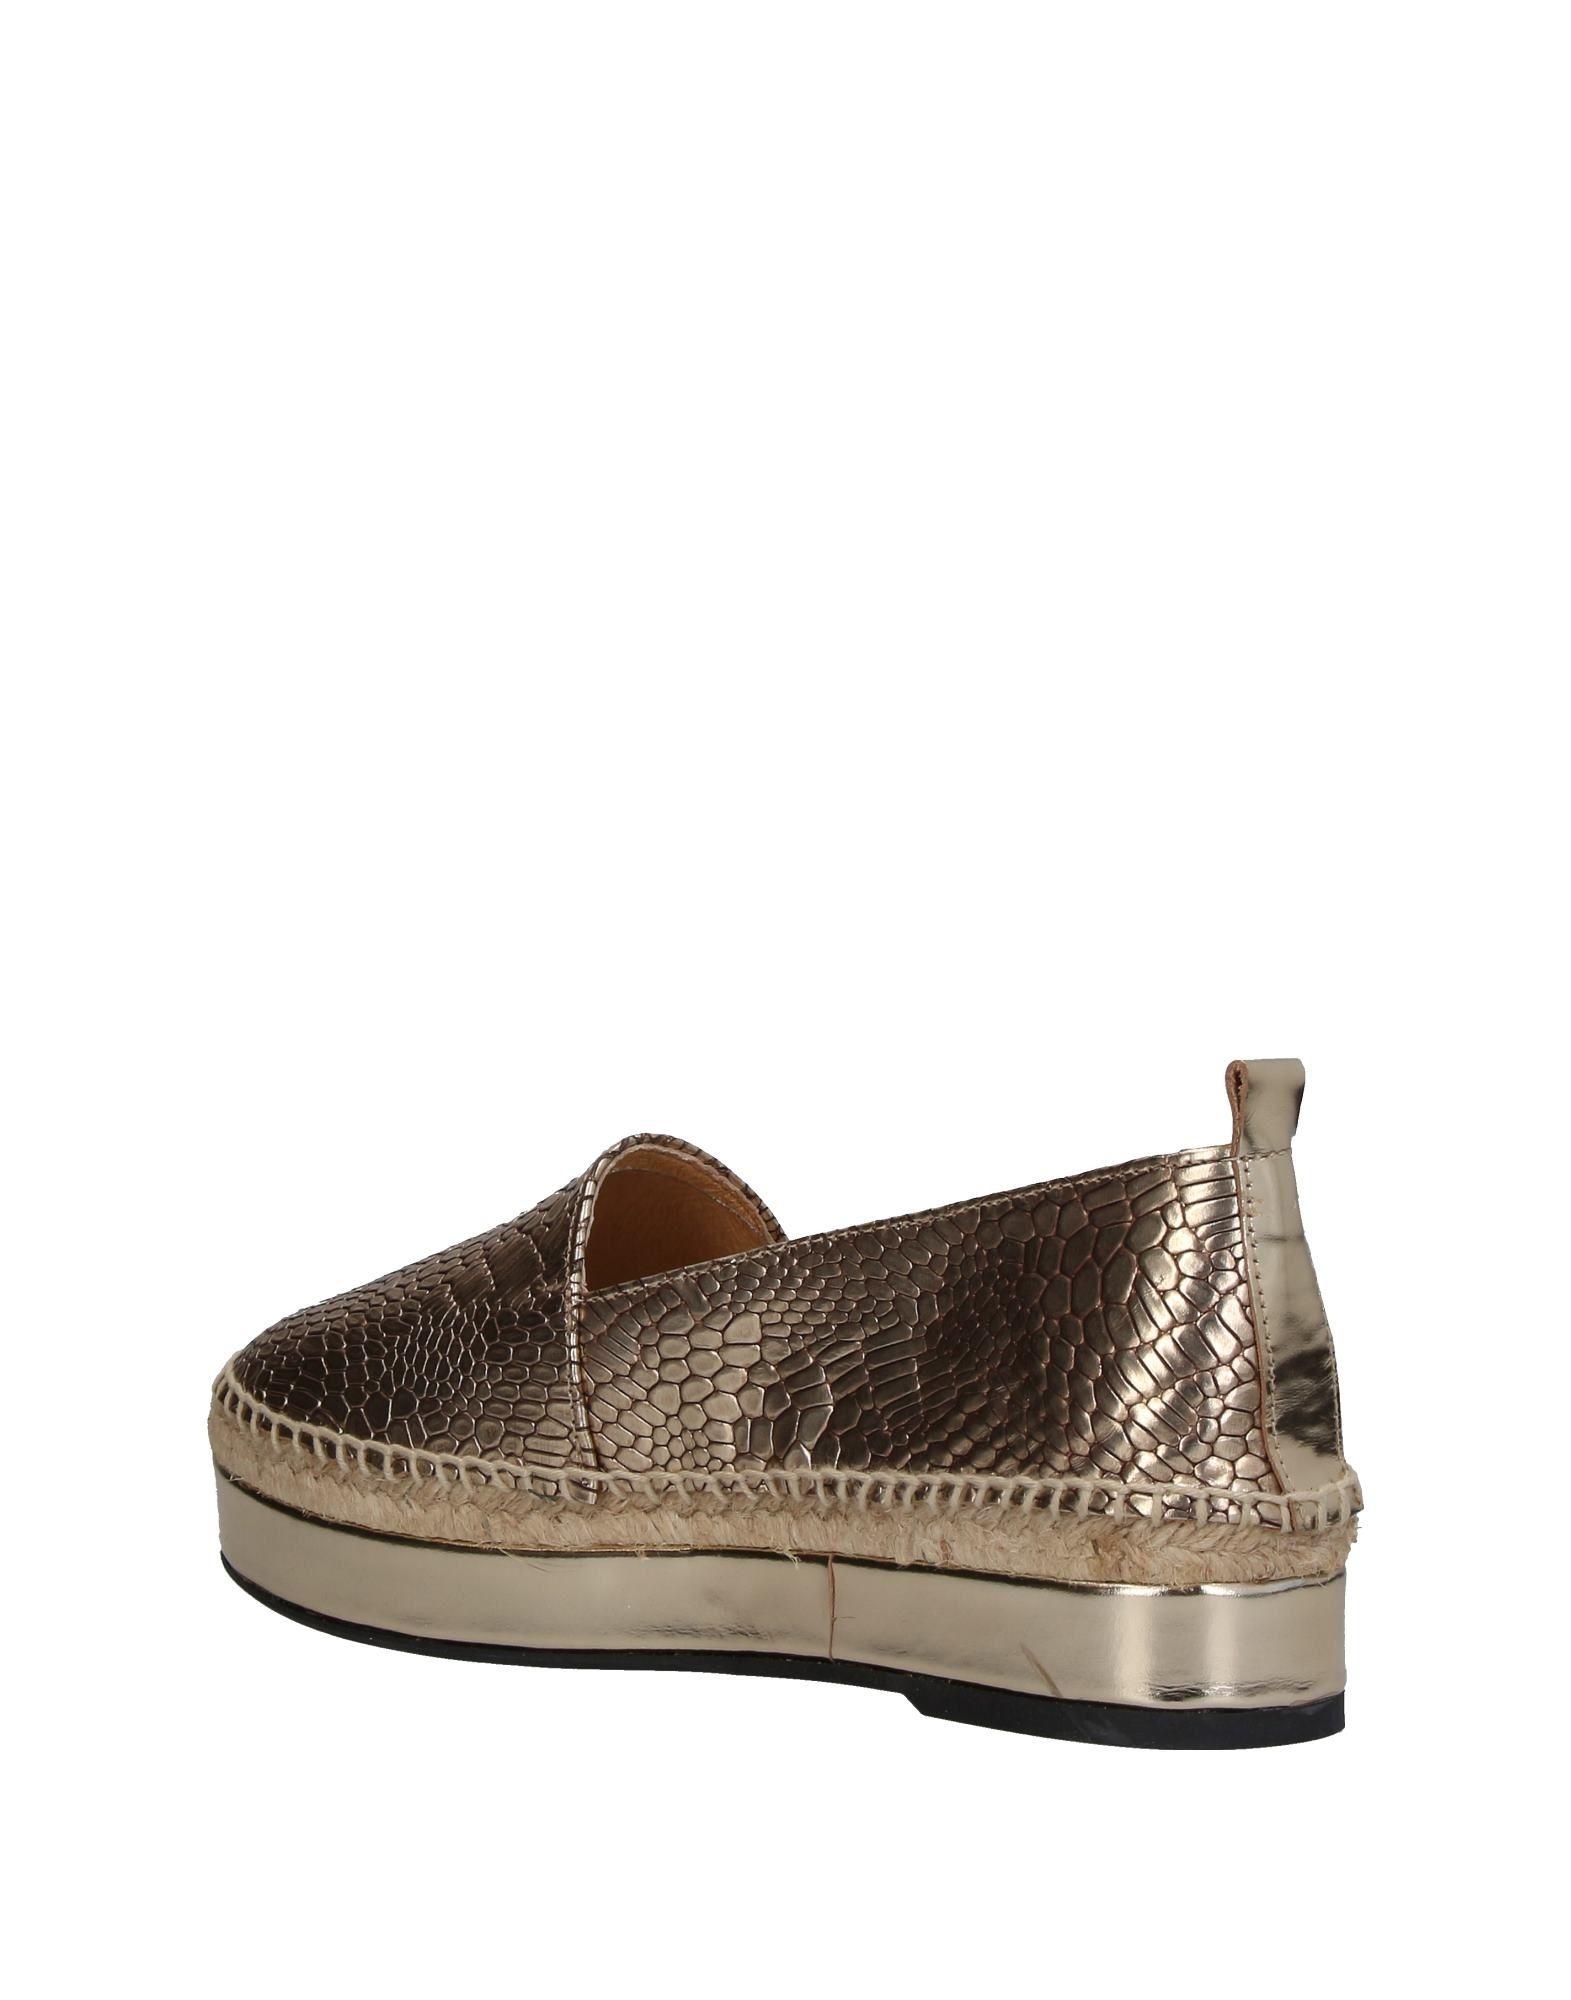 Marcela Schuhe Yil Espadrilles Damen  11411298RV Neue Schuhe Marcela 2c5c85